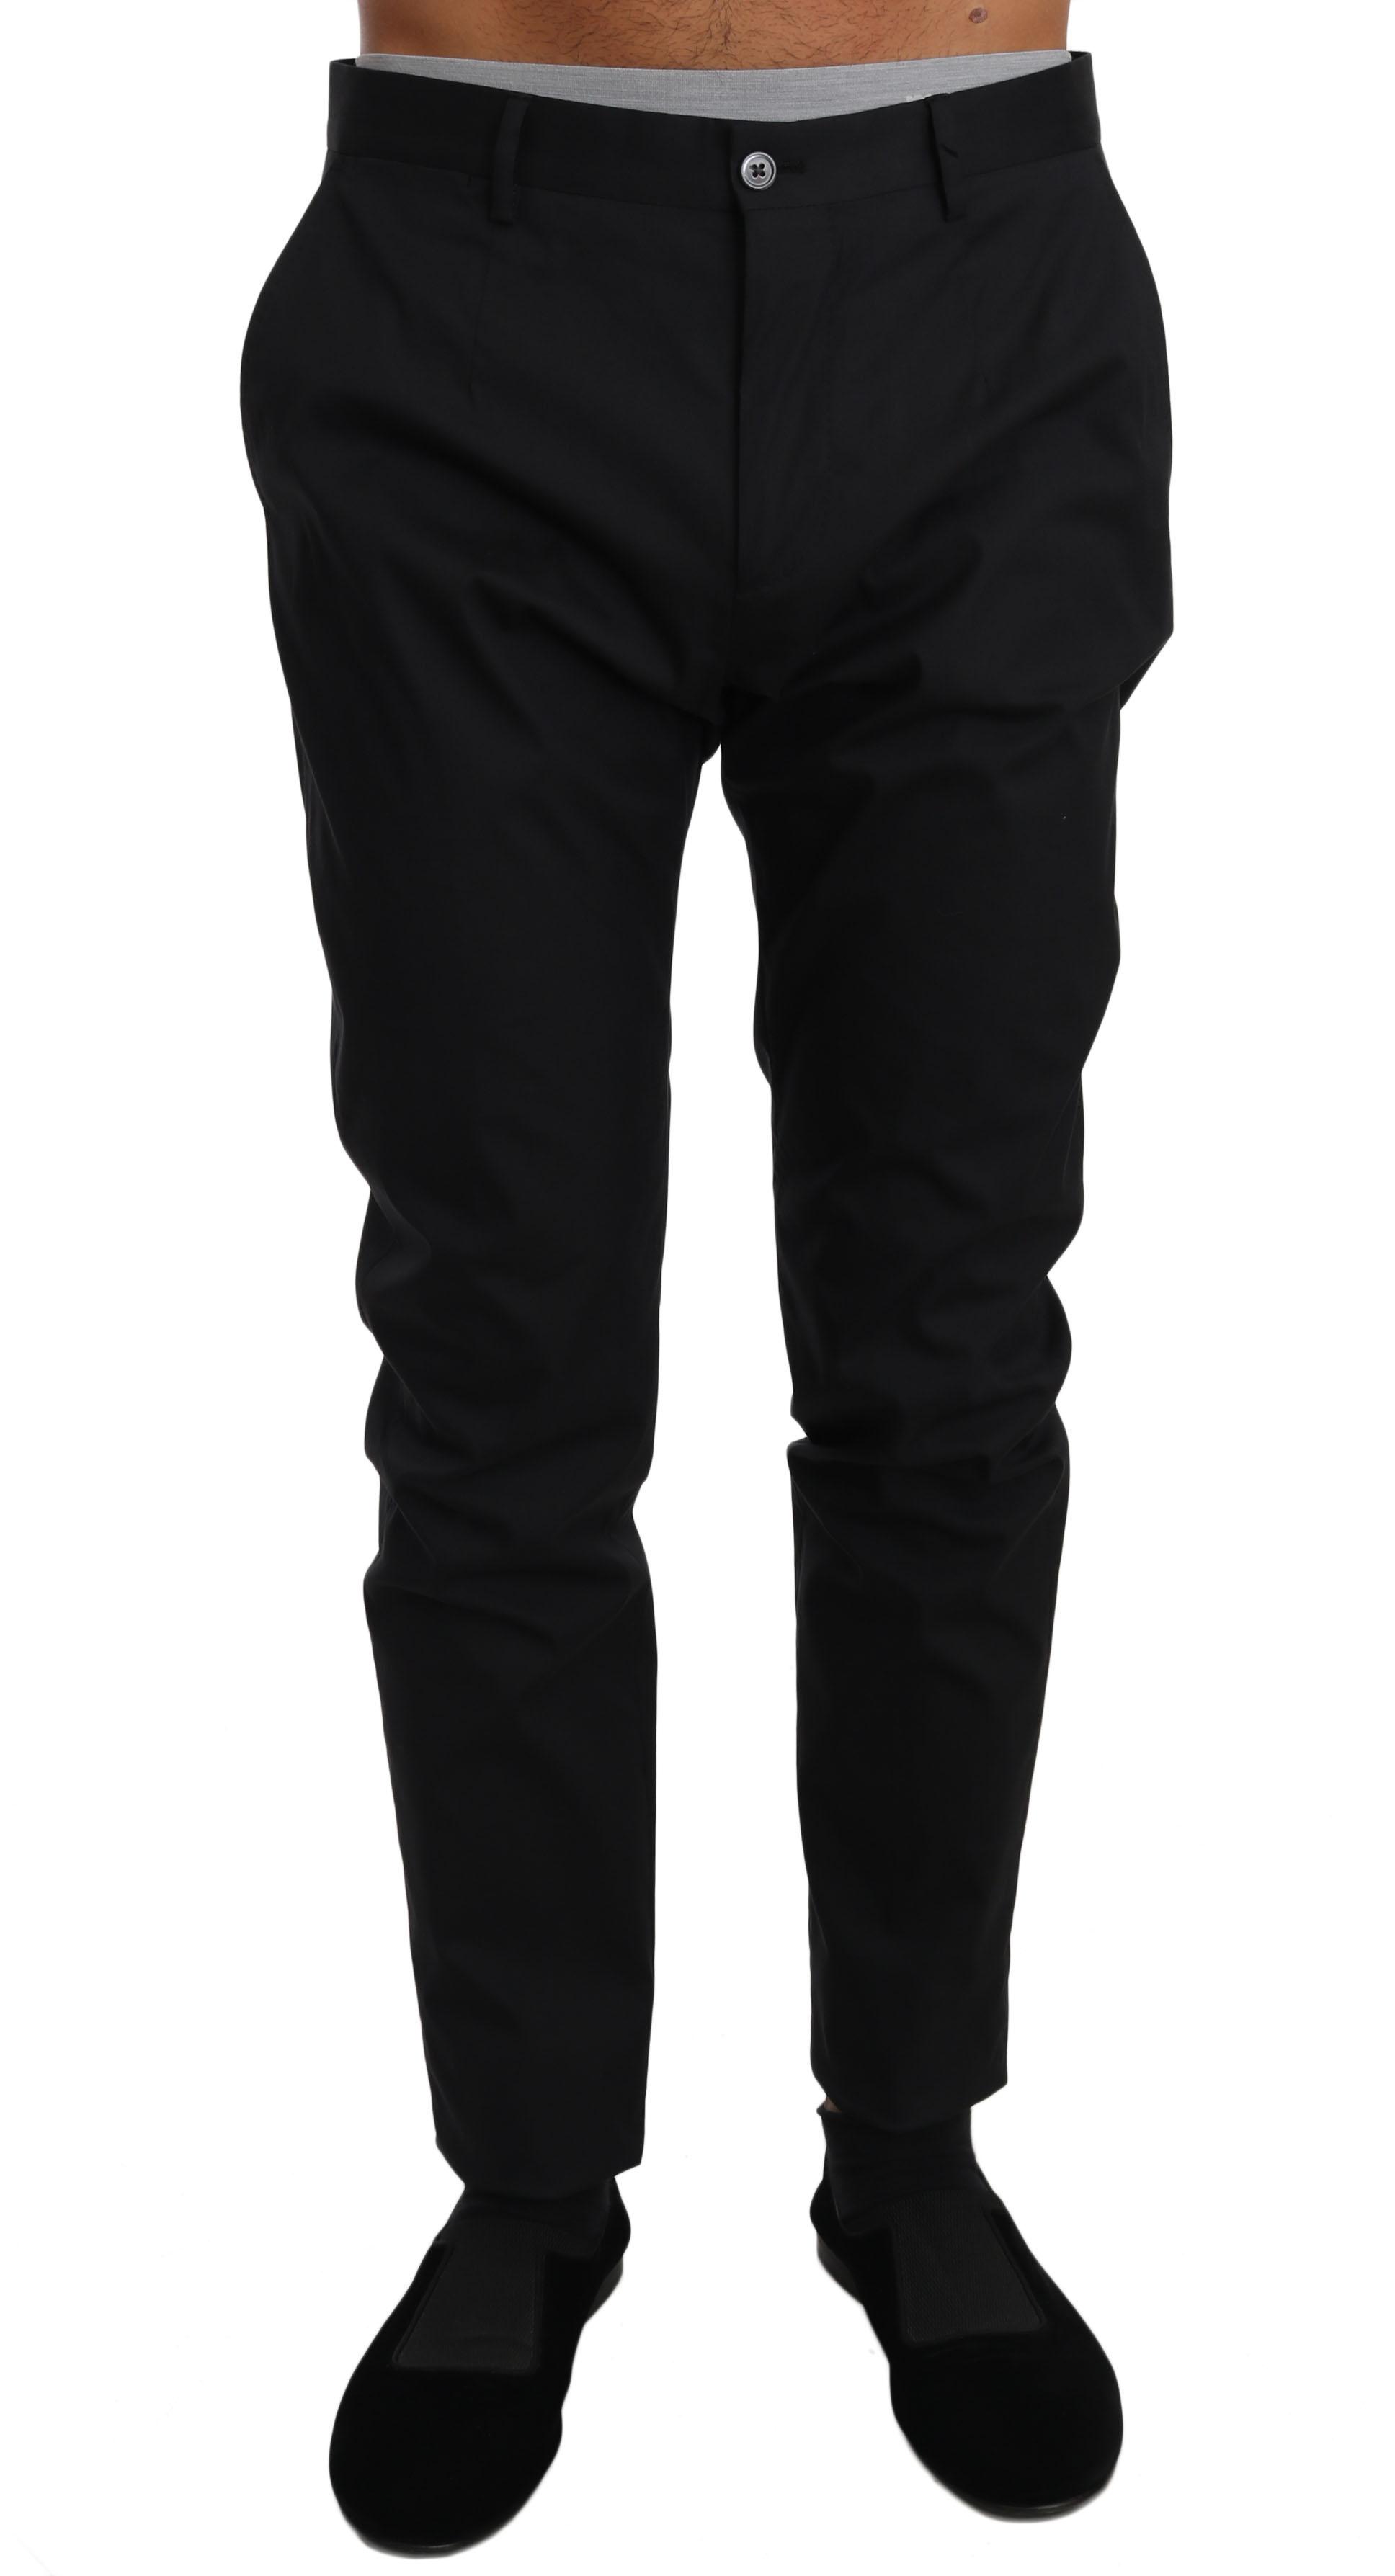 Dolce & Gabbana Men's Cotton Stretch Formal Trouser Black PAN61127 - IT54 | XXL